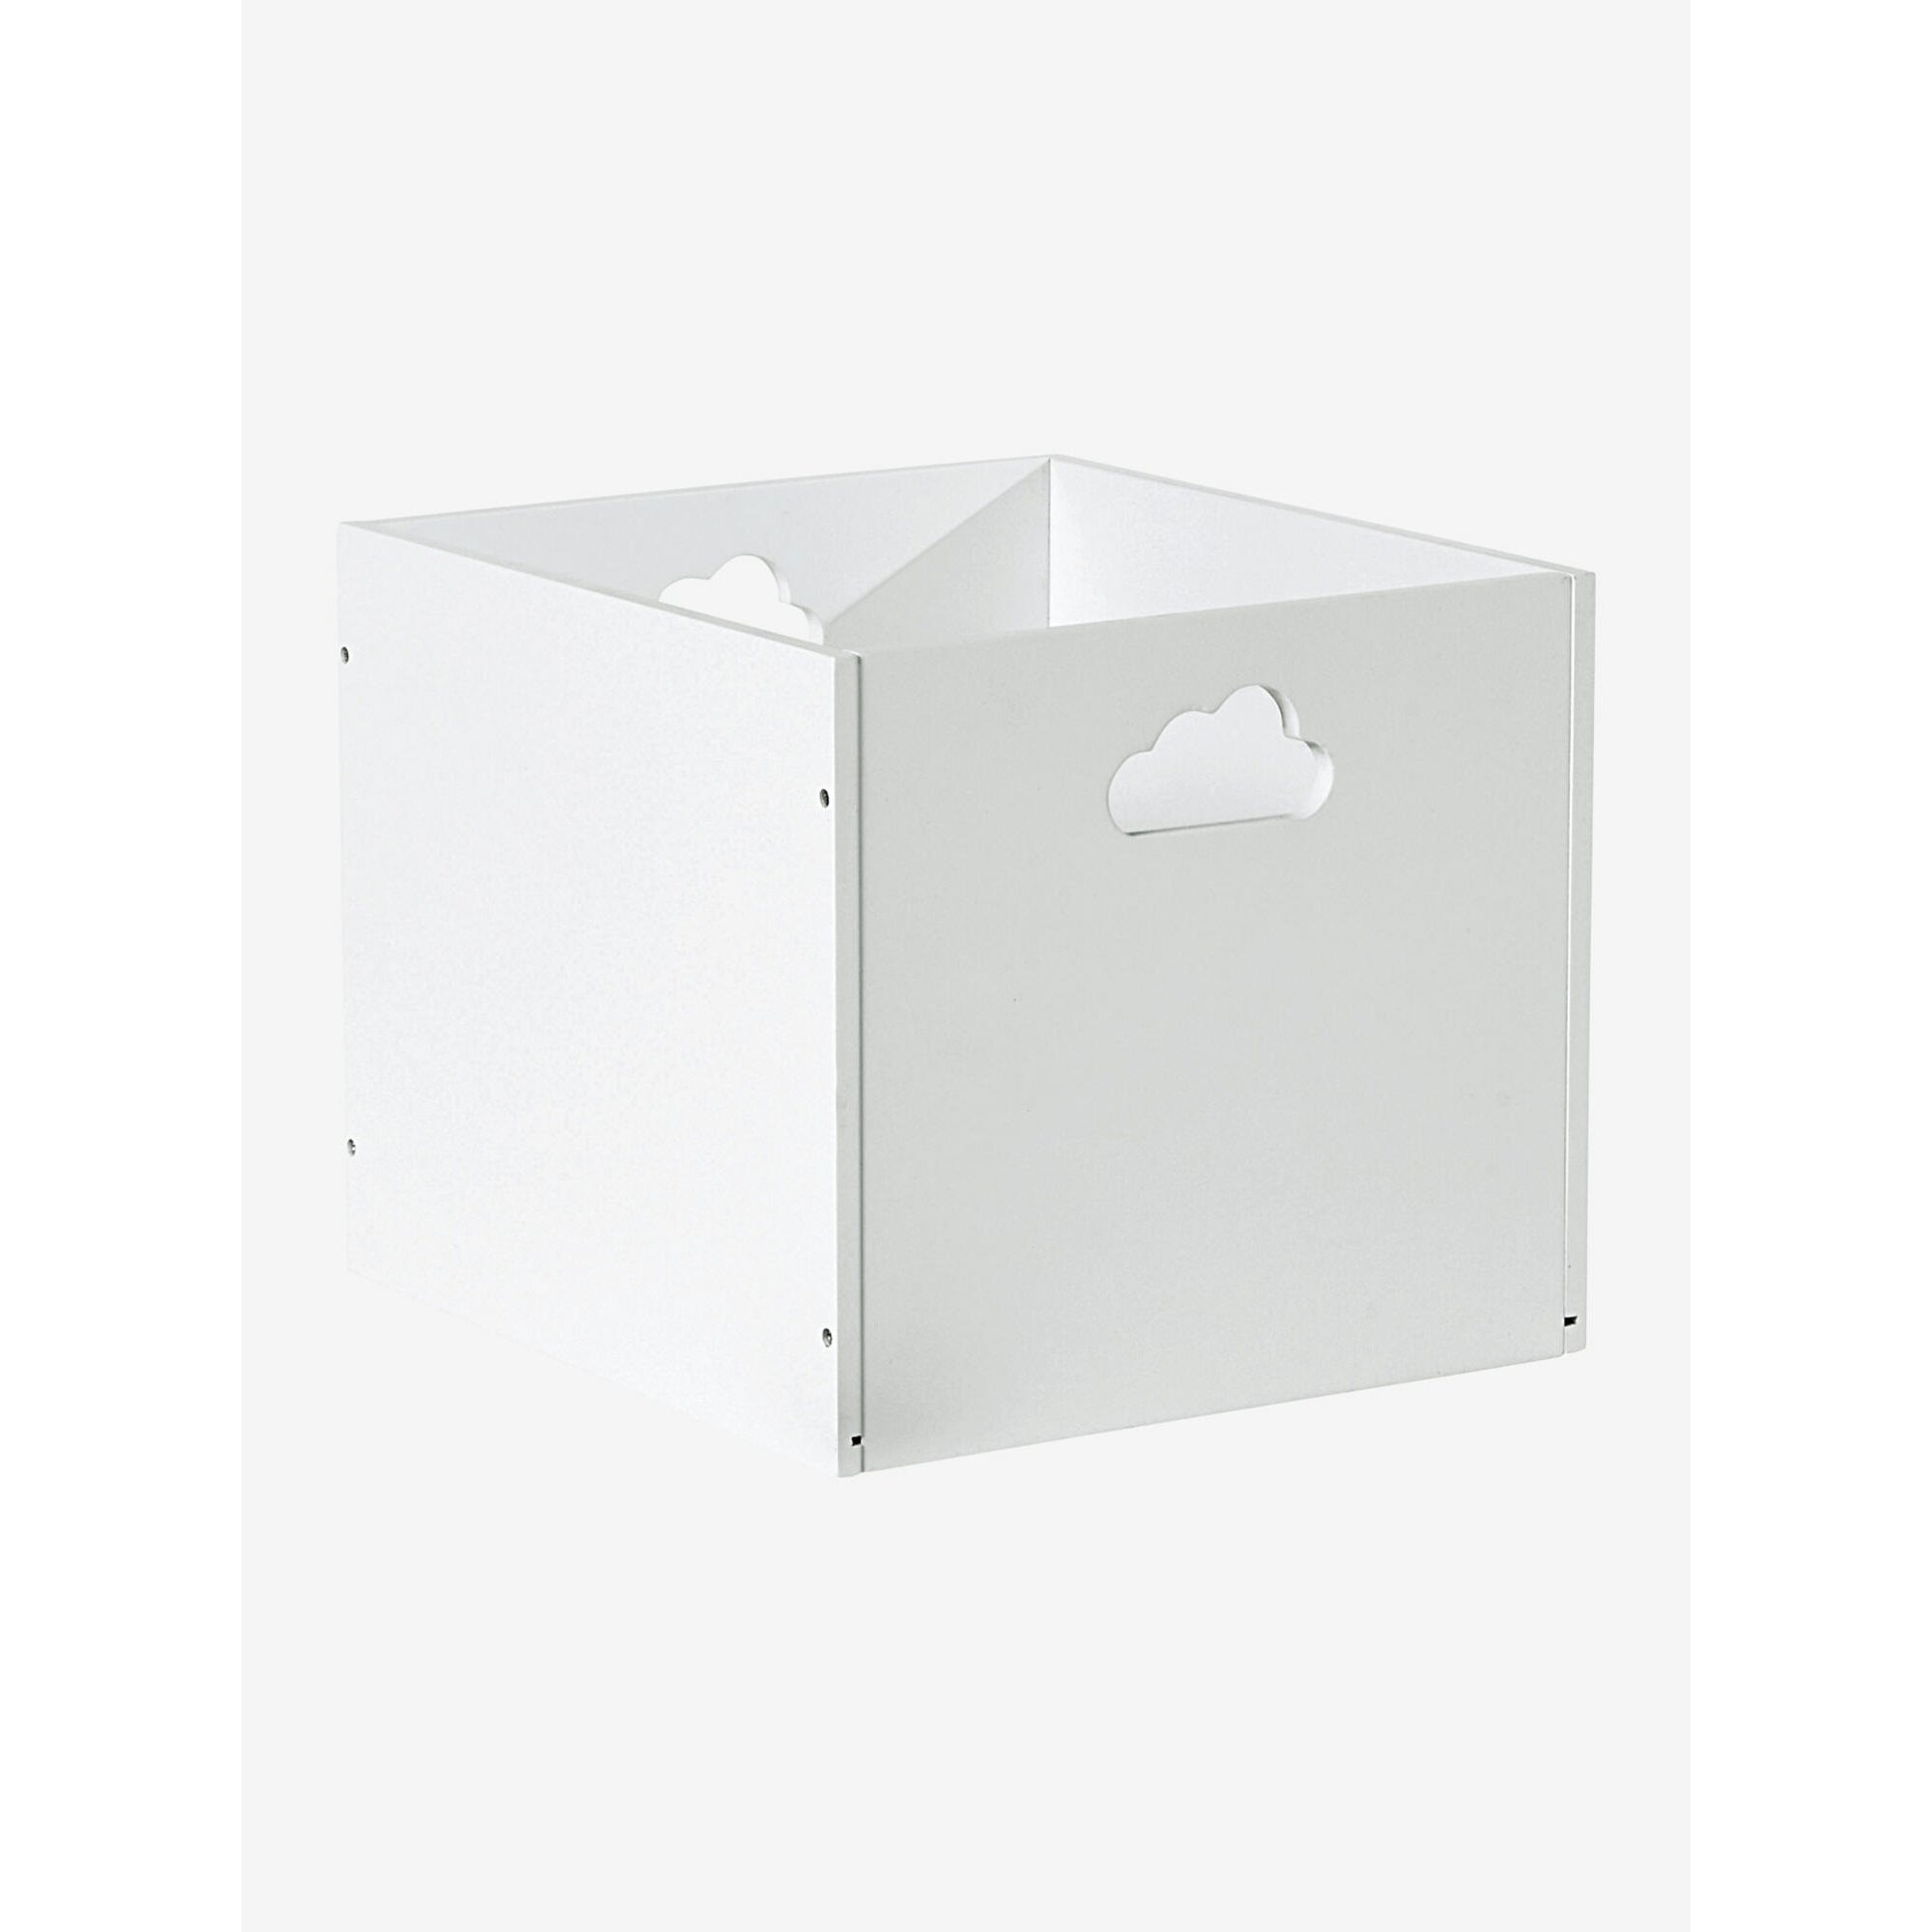 vertbaudet-gro-e-aufbewahrungsbox-fur-kinder